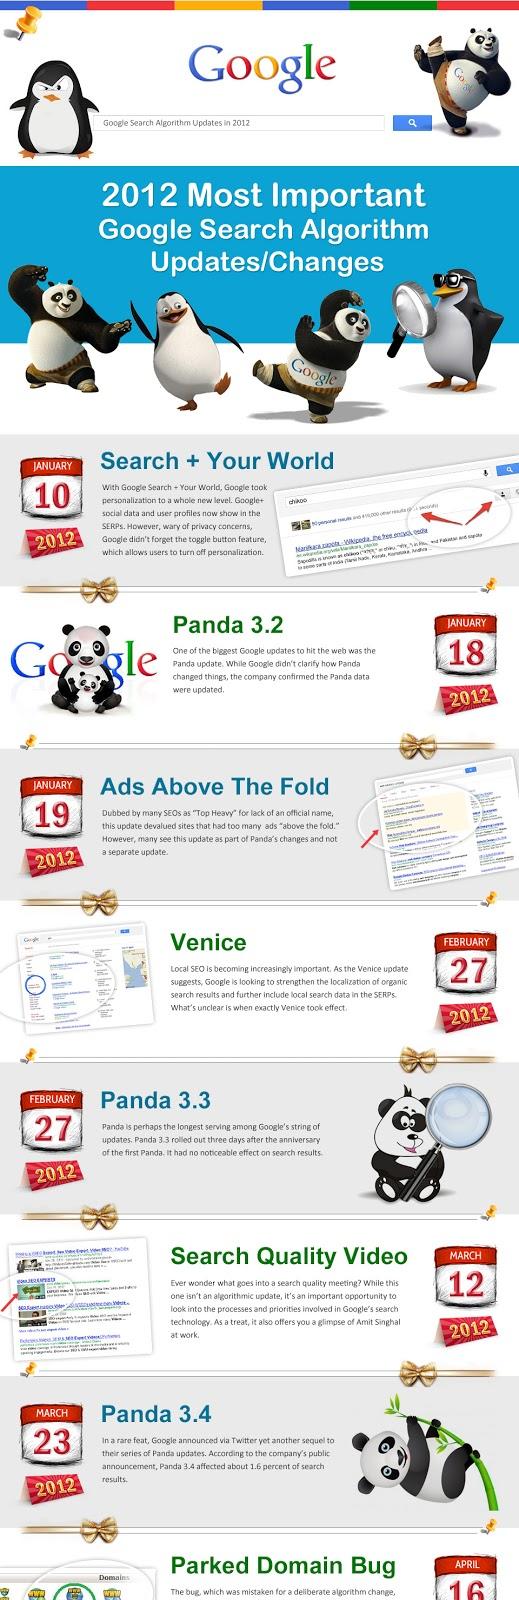 Les plus importantes mises à jour des algorithmes de Google en 2012